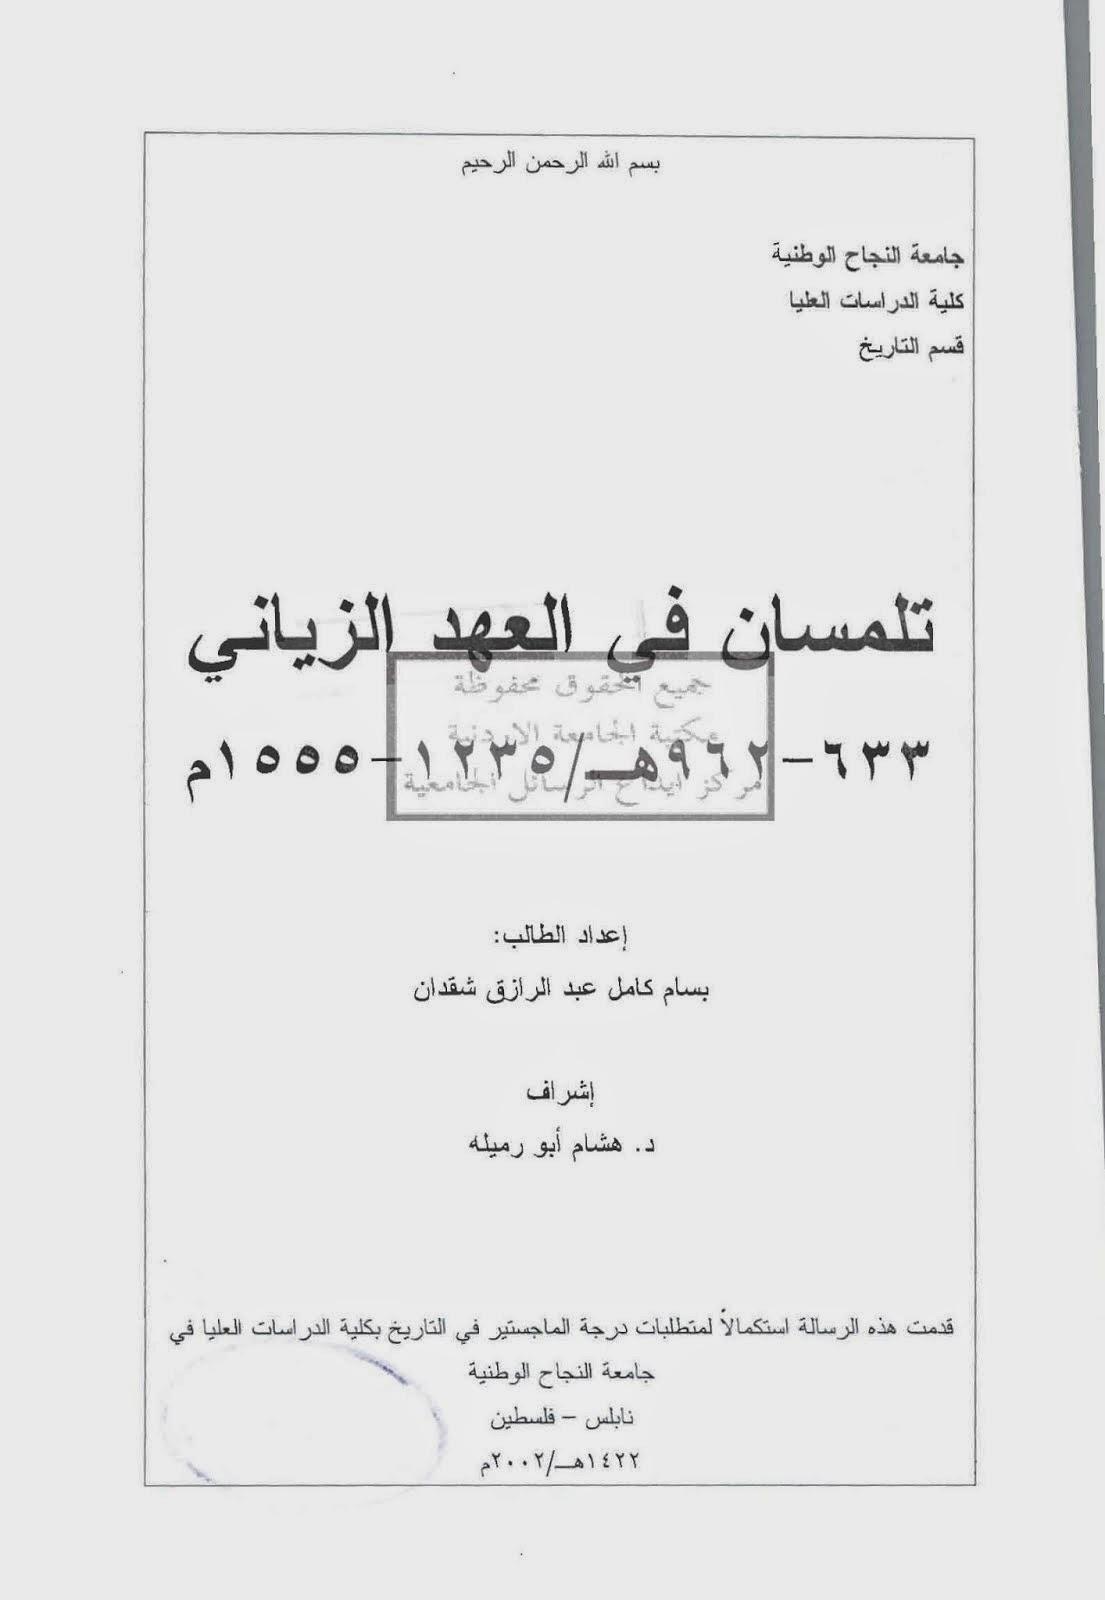 تلمسان في العهد الزياني لـ كامل عبد الرزاق شقدان